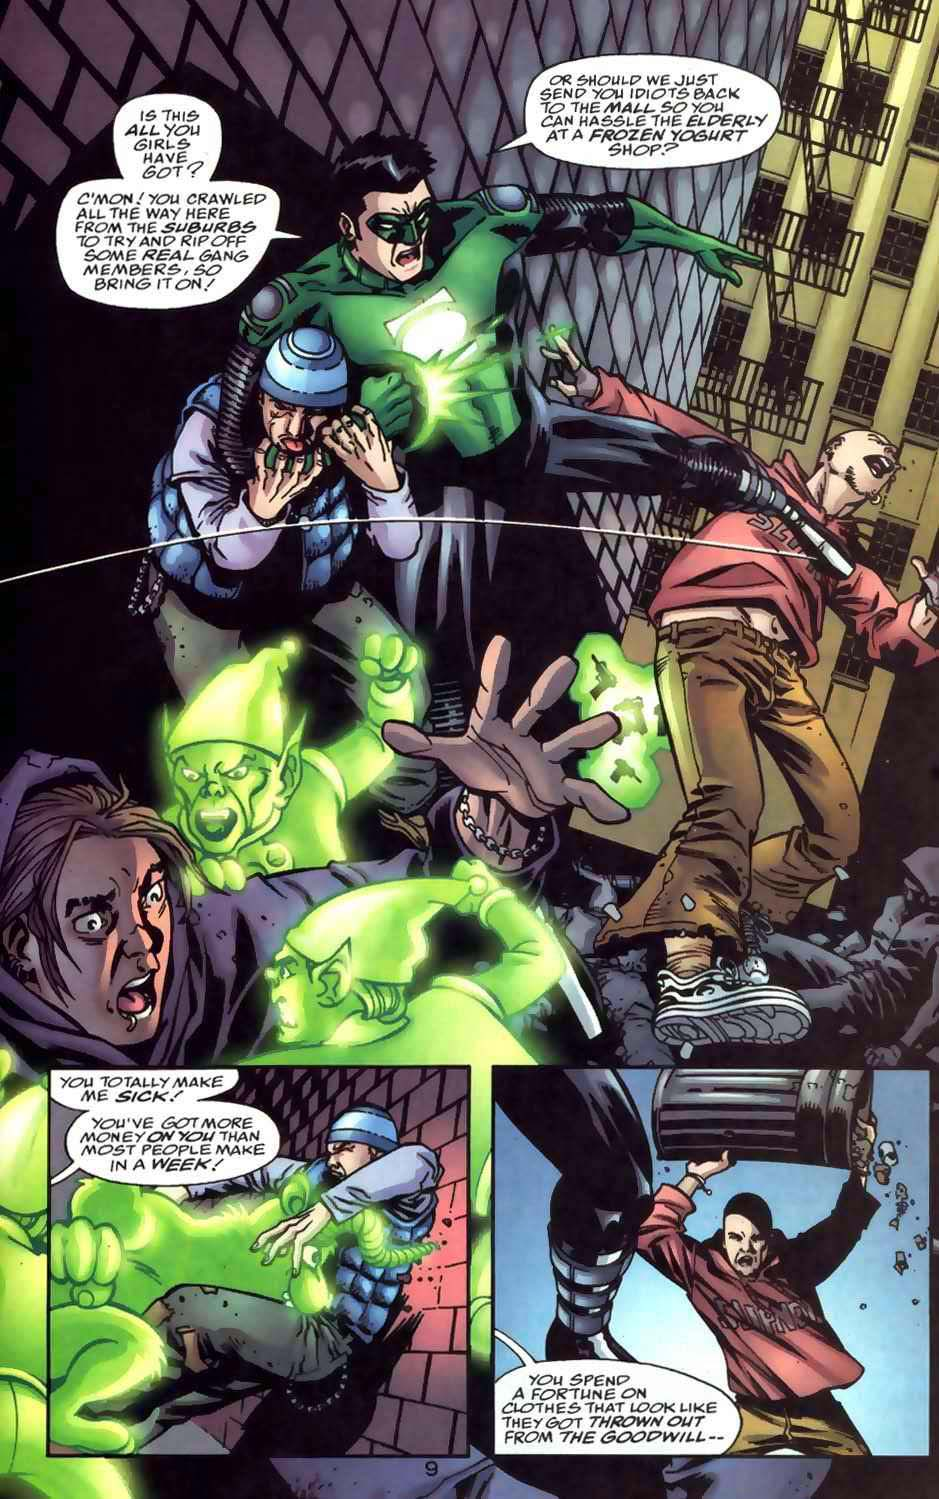 Green Lantern v3 162 - part 2 (10) KyleRayner.jpg